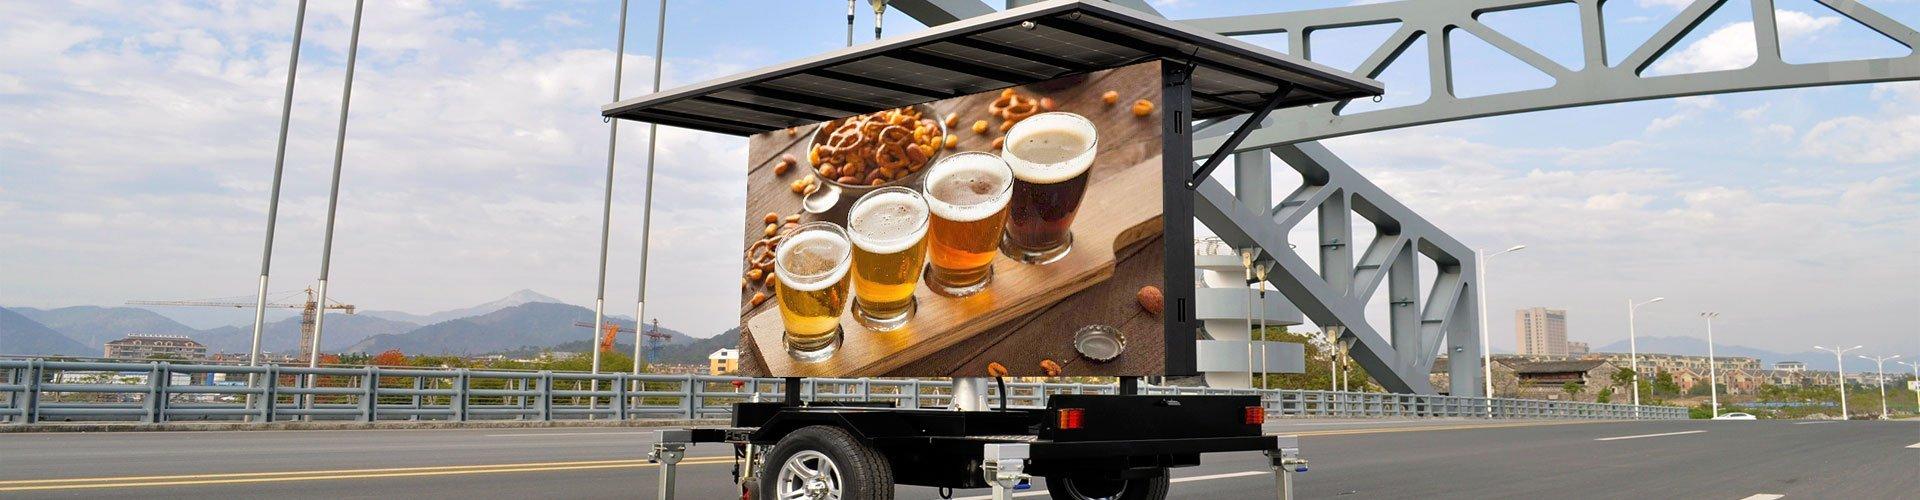 LED Advertising Trucks